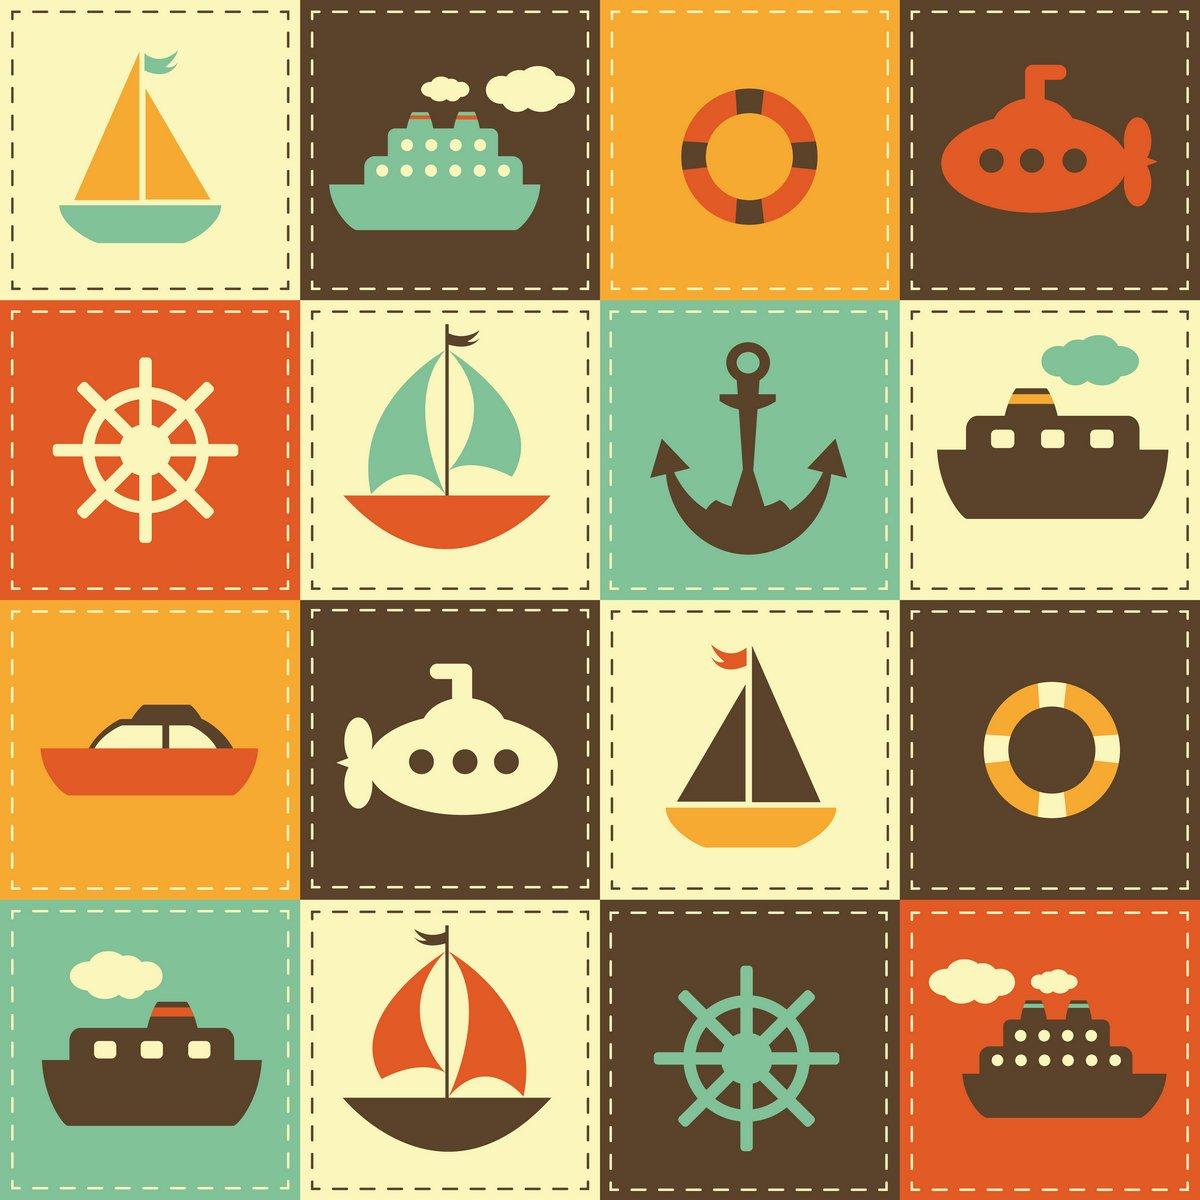 Постер Дизайнерские обои для детской Лоскутное фоне морского транспортаДизайнерские обои для детской<br>Постер на холсте или бумаге. Любого нужного вам размера. В раме или без. Подвес в комплекте. Трехслойная надежная упаковка. Доставим в любую точку России. Вам осталось только повесить картину на стену!<br>